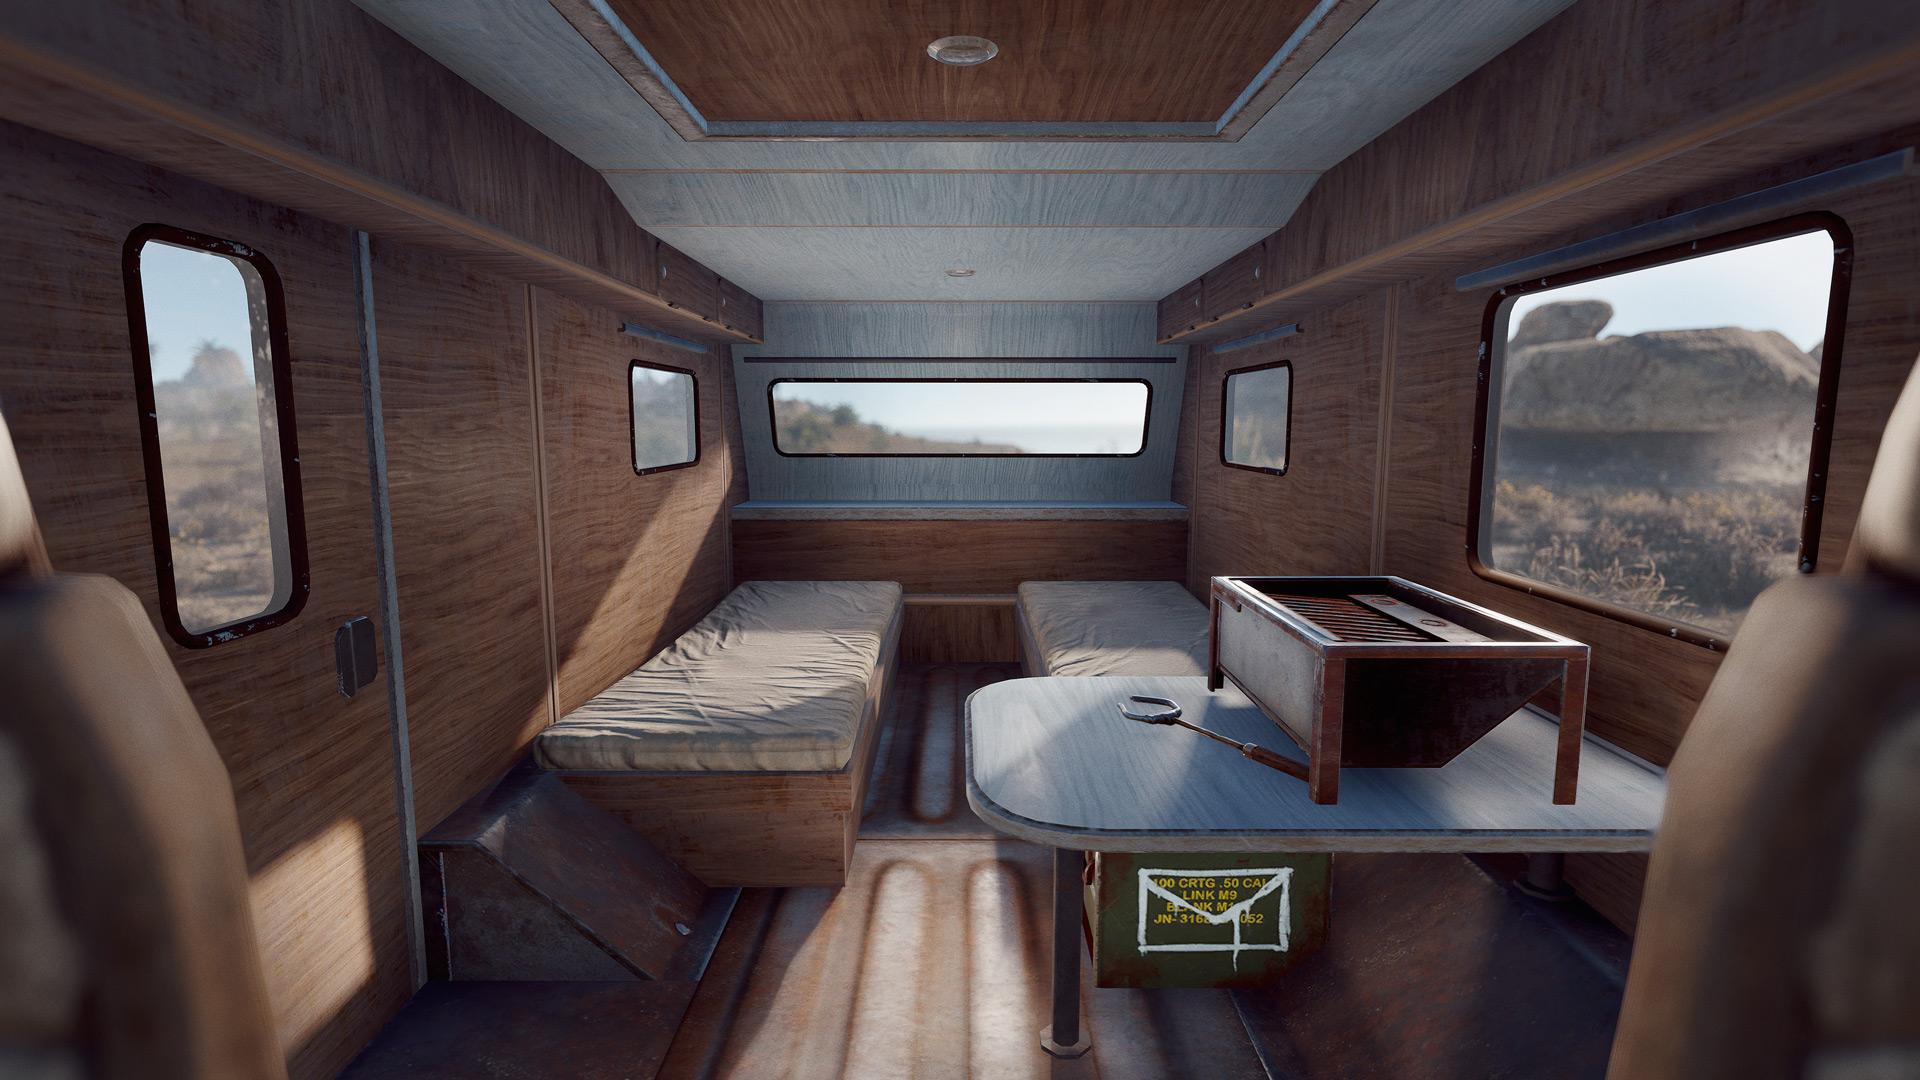 campervan_int_01.jpg